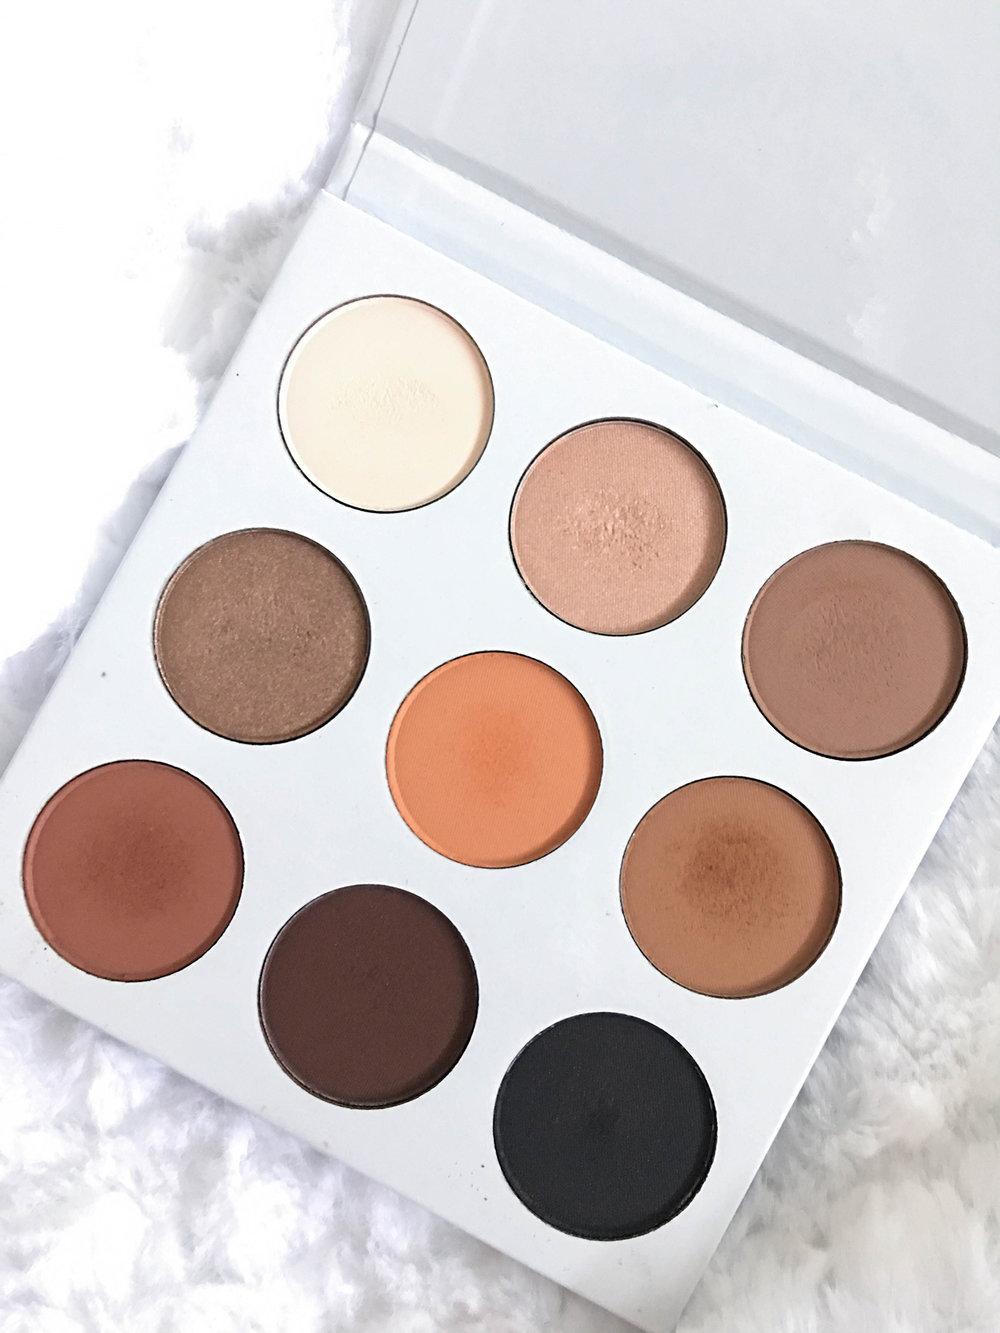 Kylie Cosmetics haul on beautybyjessika.com.